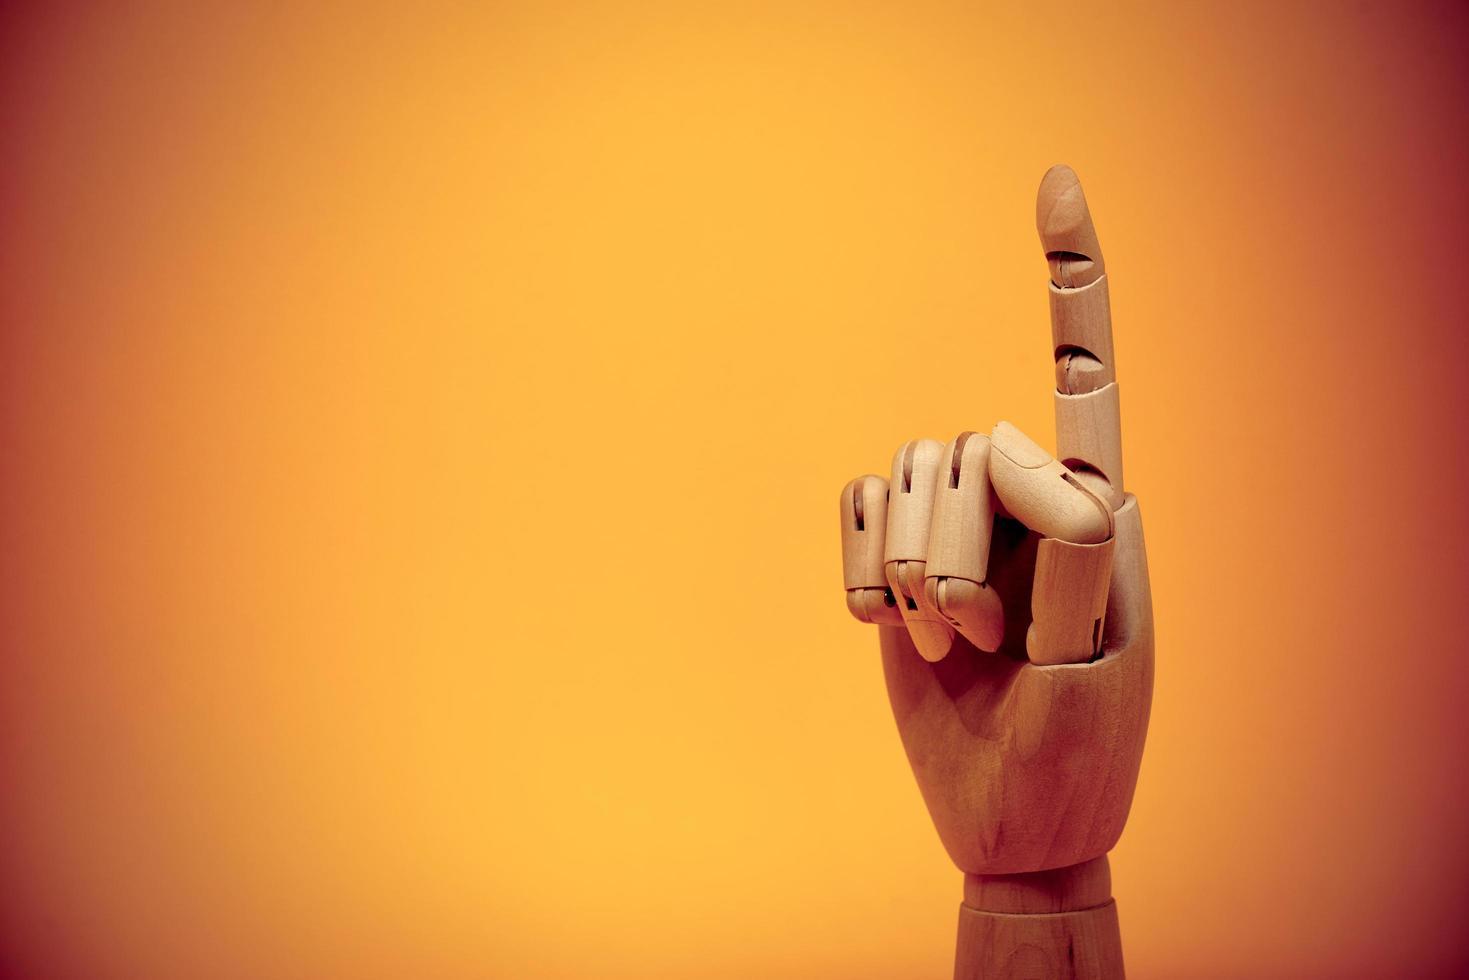 träfinger som pekar uppåt foto